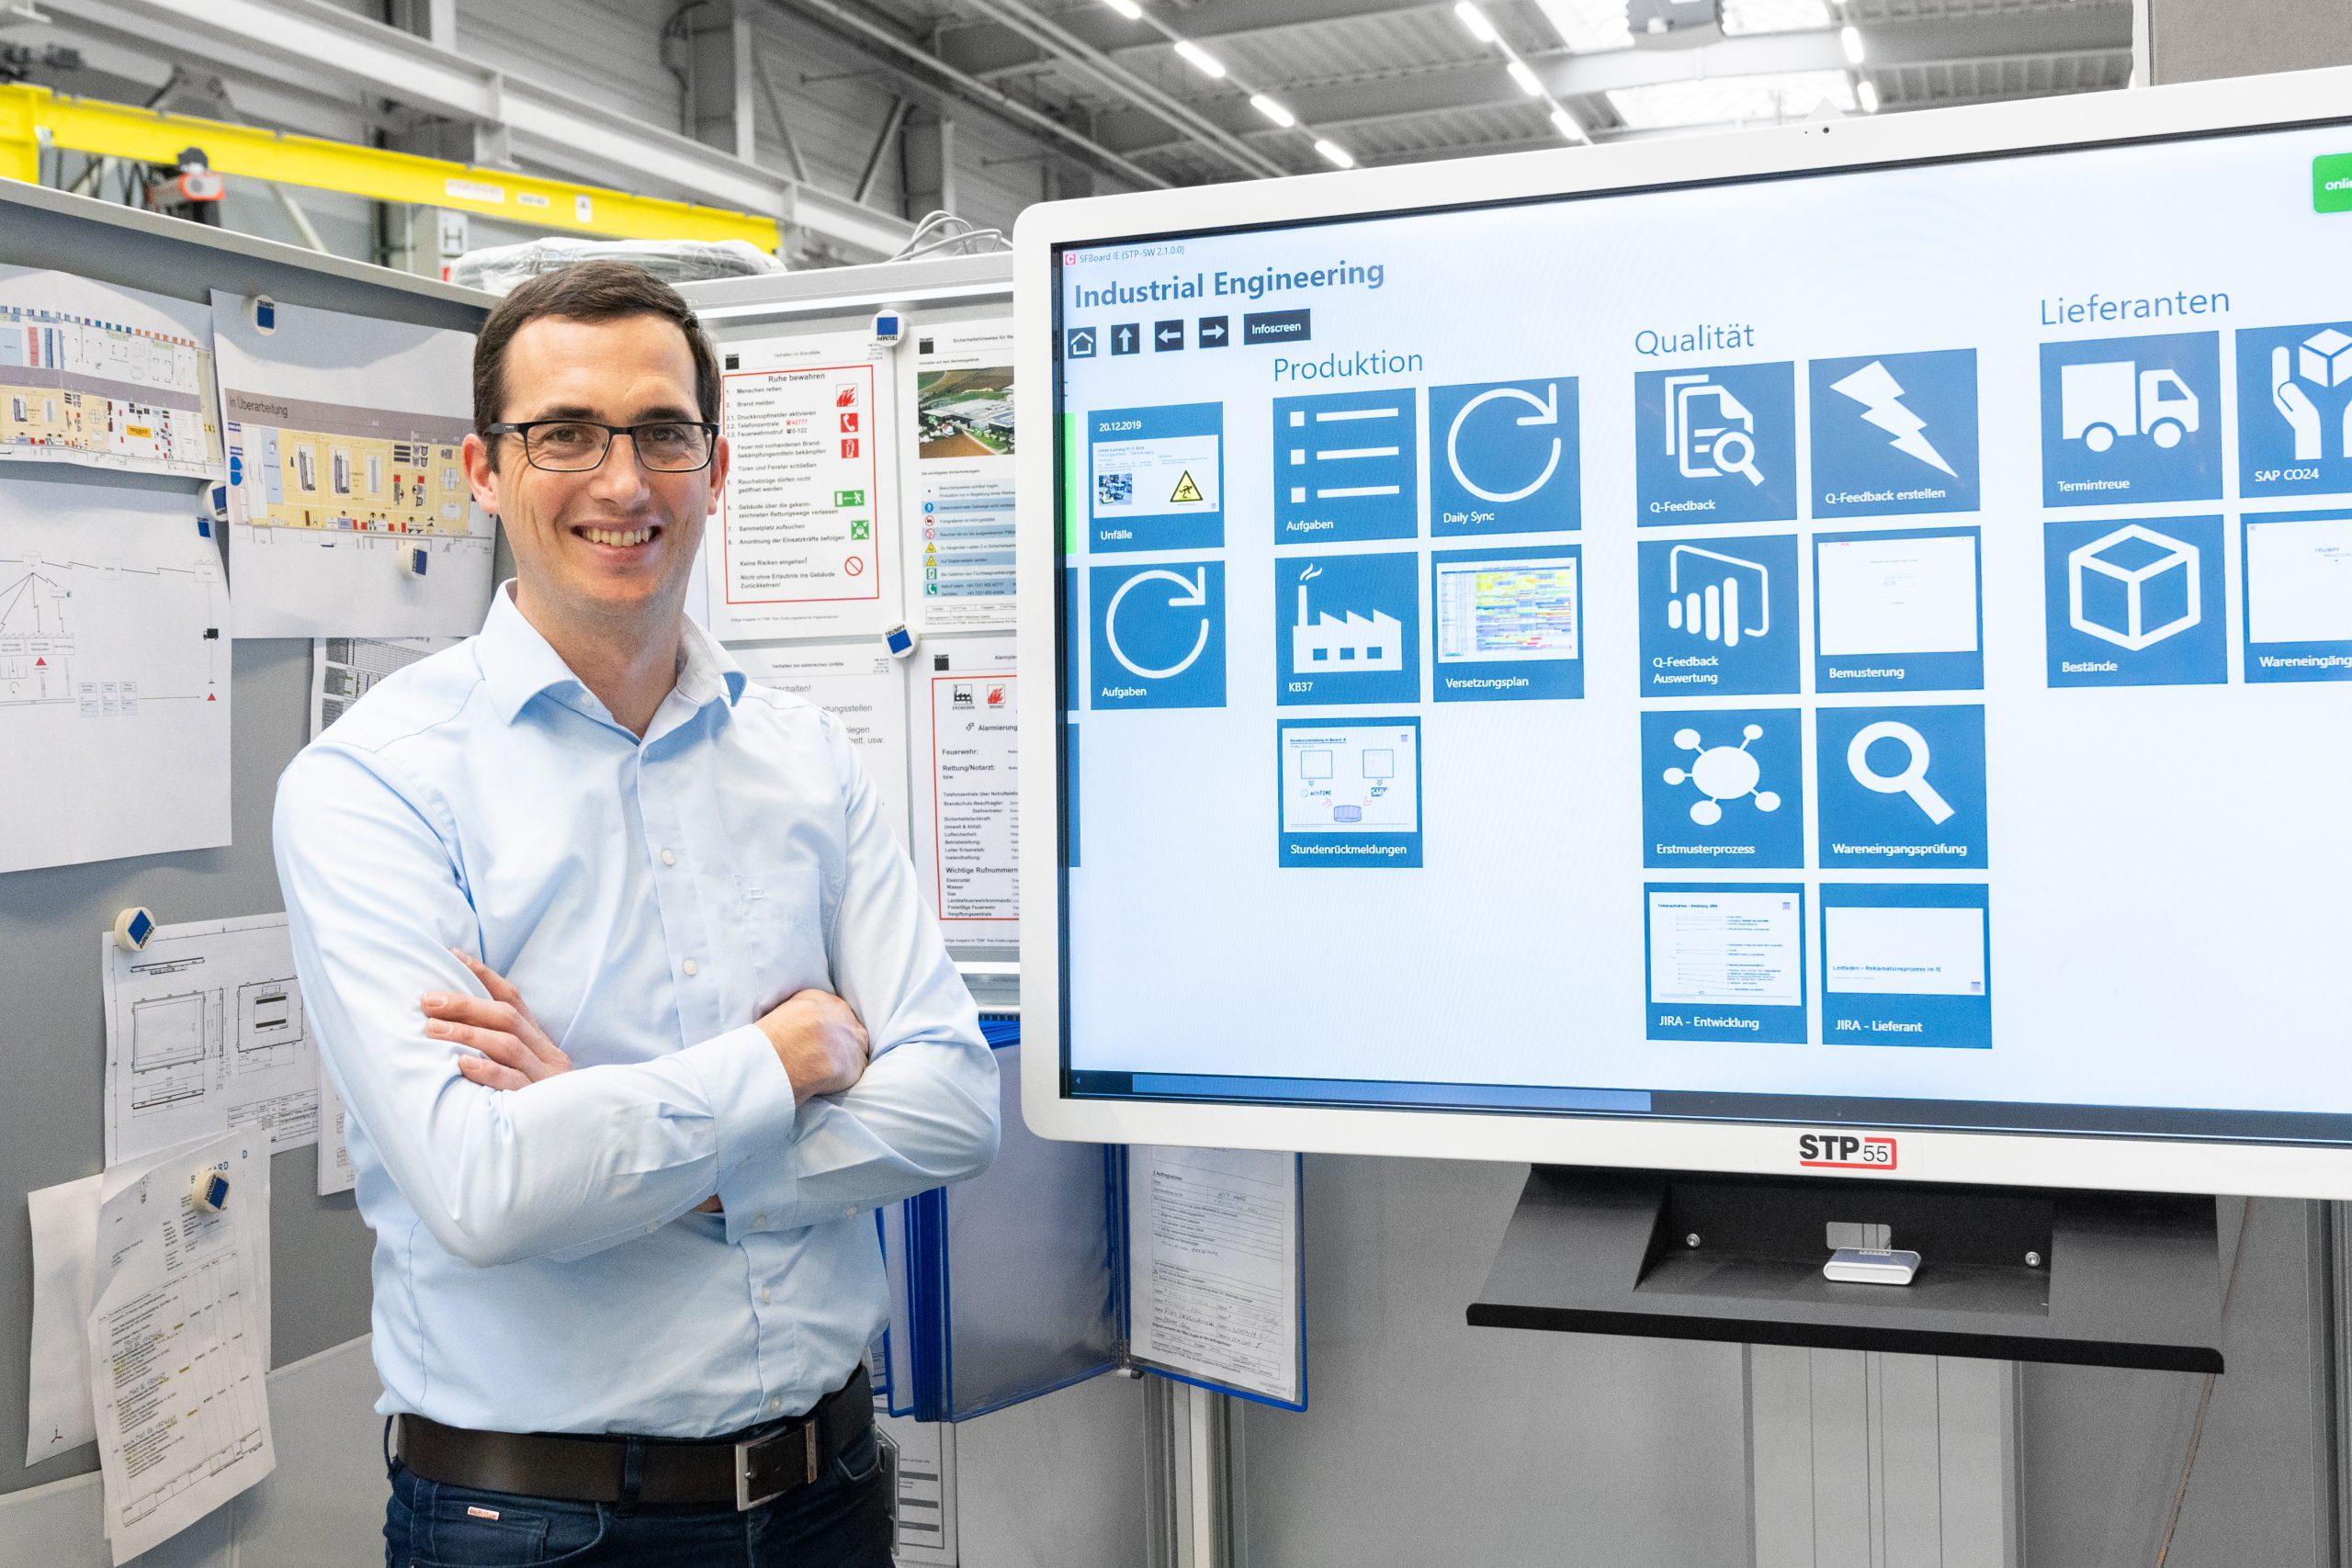 Wolfgang Aigner, Leitung Industrial Engineering bei Trumpf Maschinen Austria, beim Shopfloor-Meeting mit der STP-Software. (Bild: Stiwa Holding GmbH)